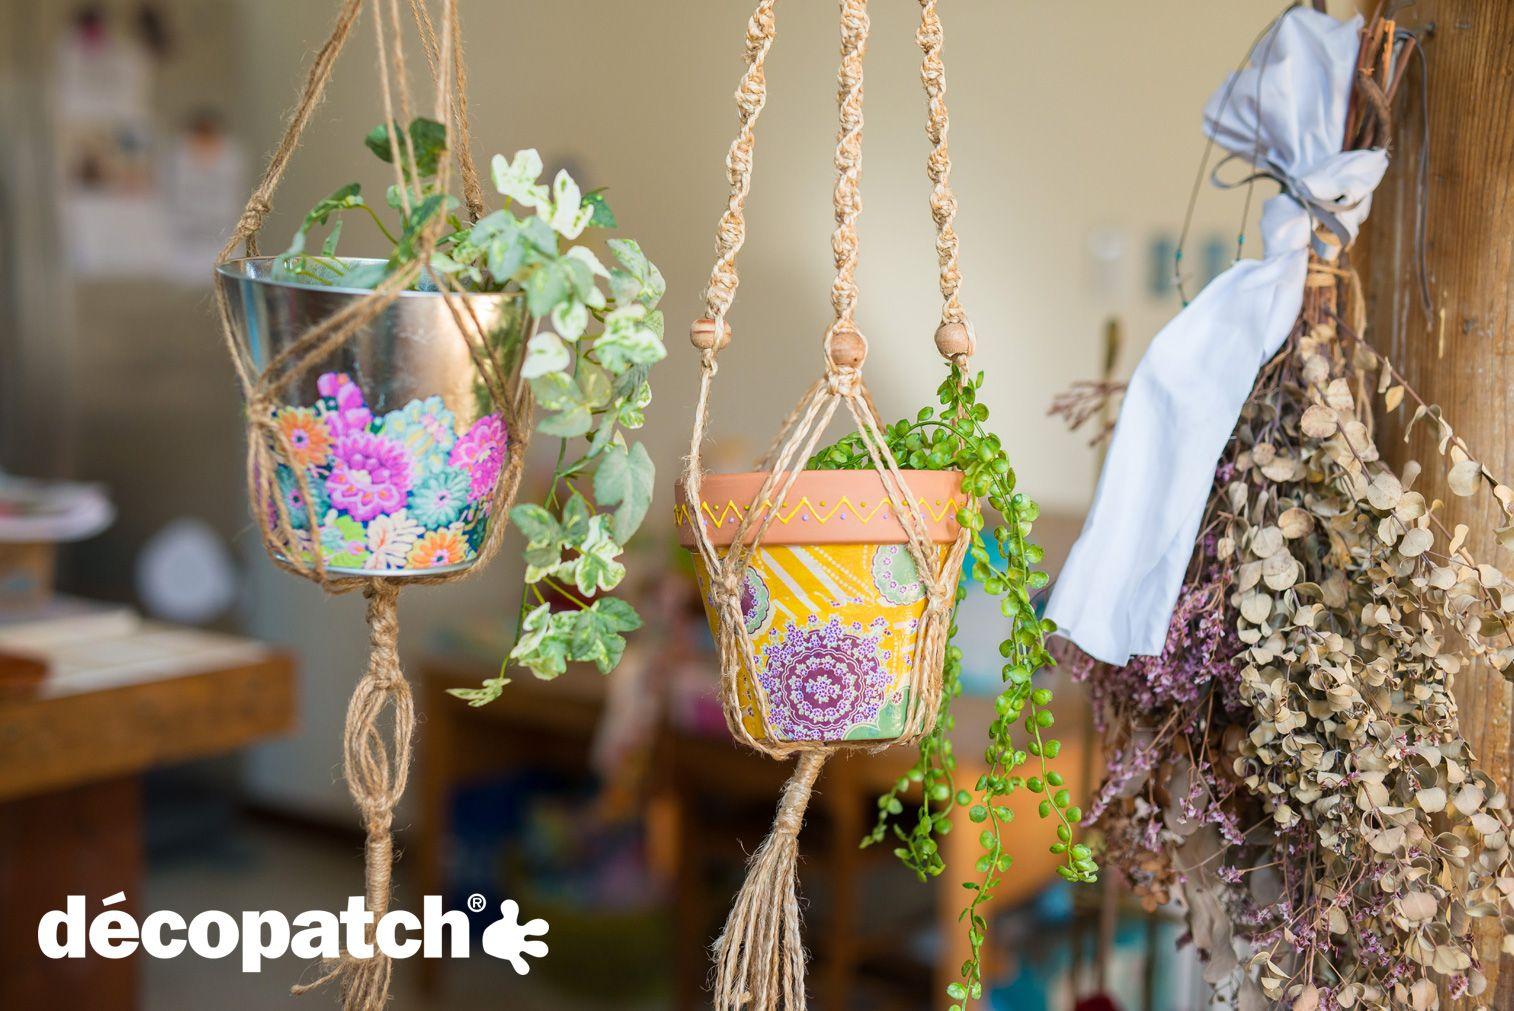 [IDEE'CO] Pots de fleurs #DIY #Customisation #Decopatch #Flower #Spring #Printemps